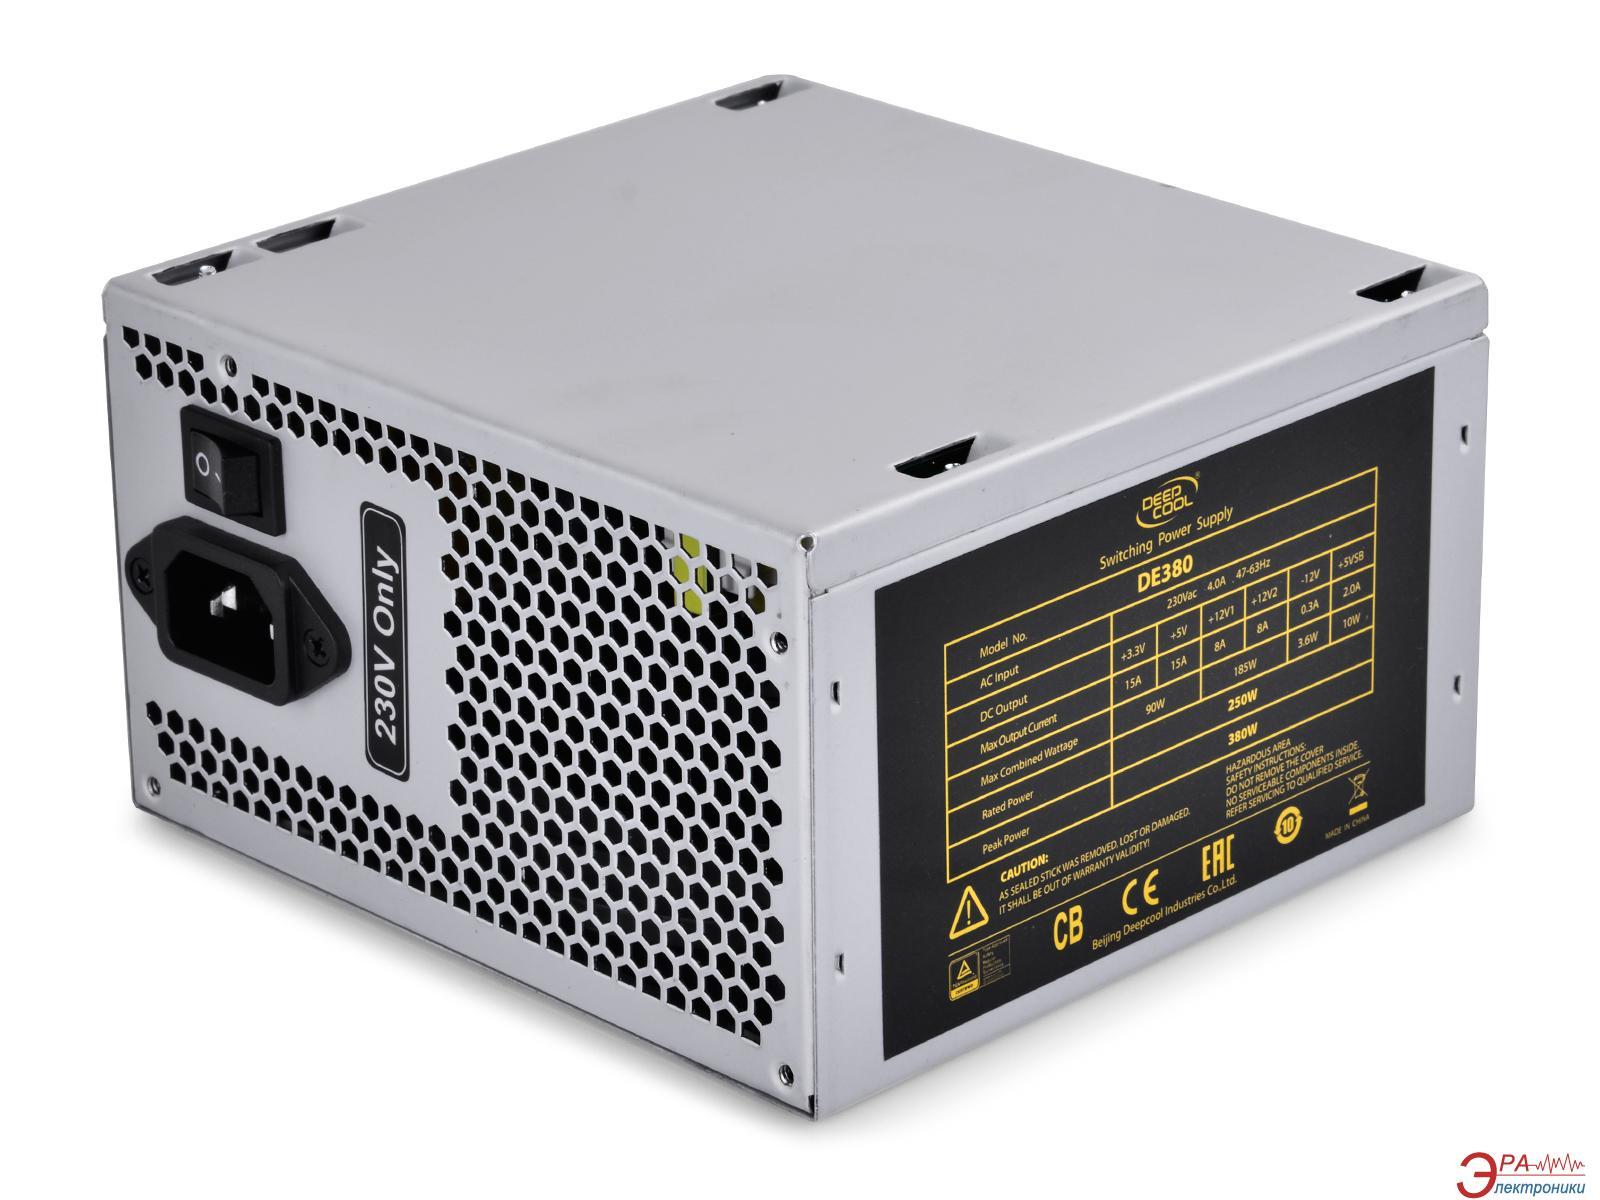 Блок питания Deepcool 380W (DE380)